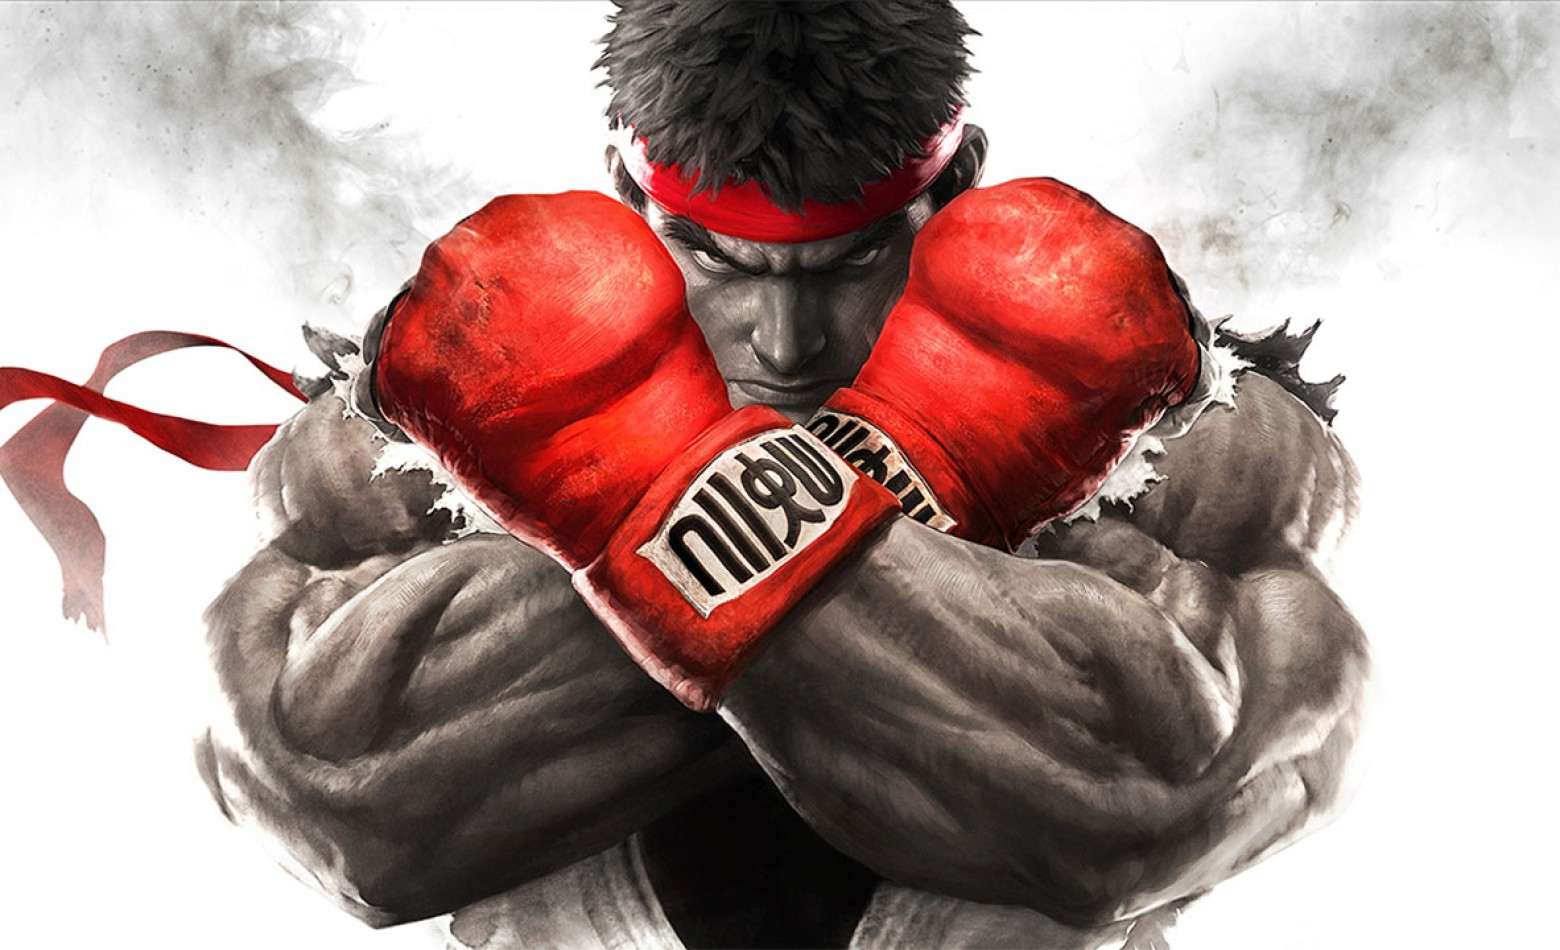 As cinco mudanças de Street Fighter 5